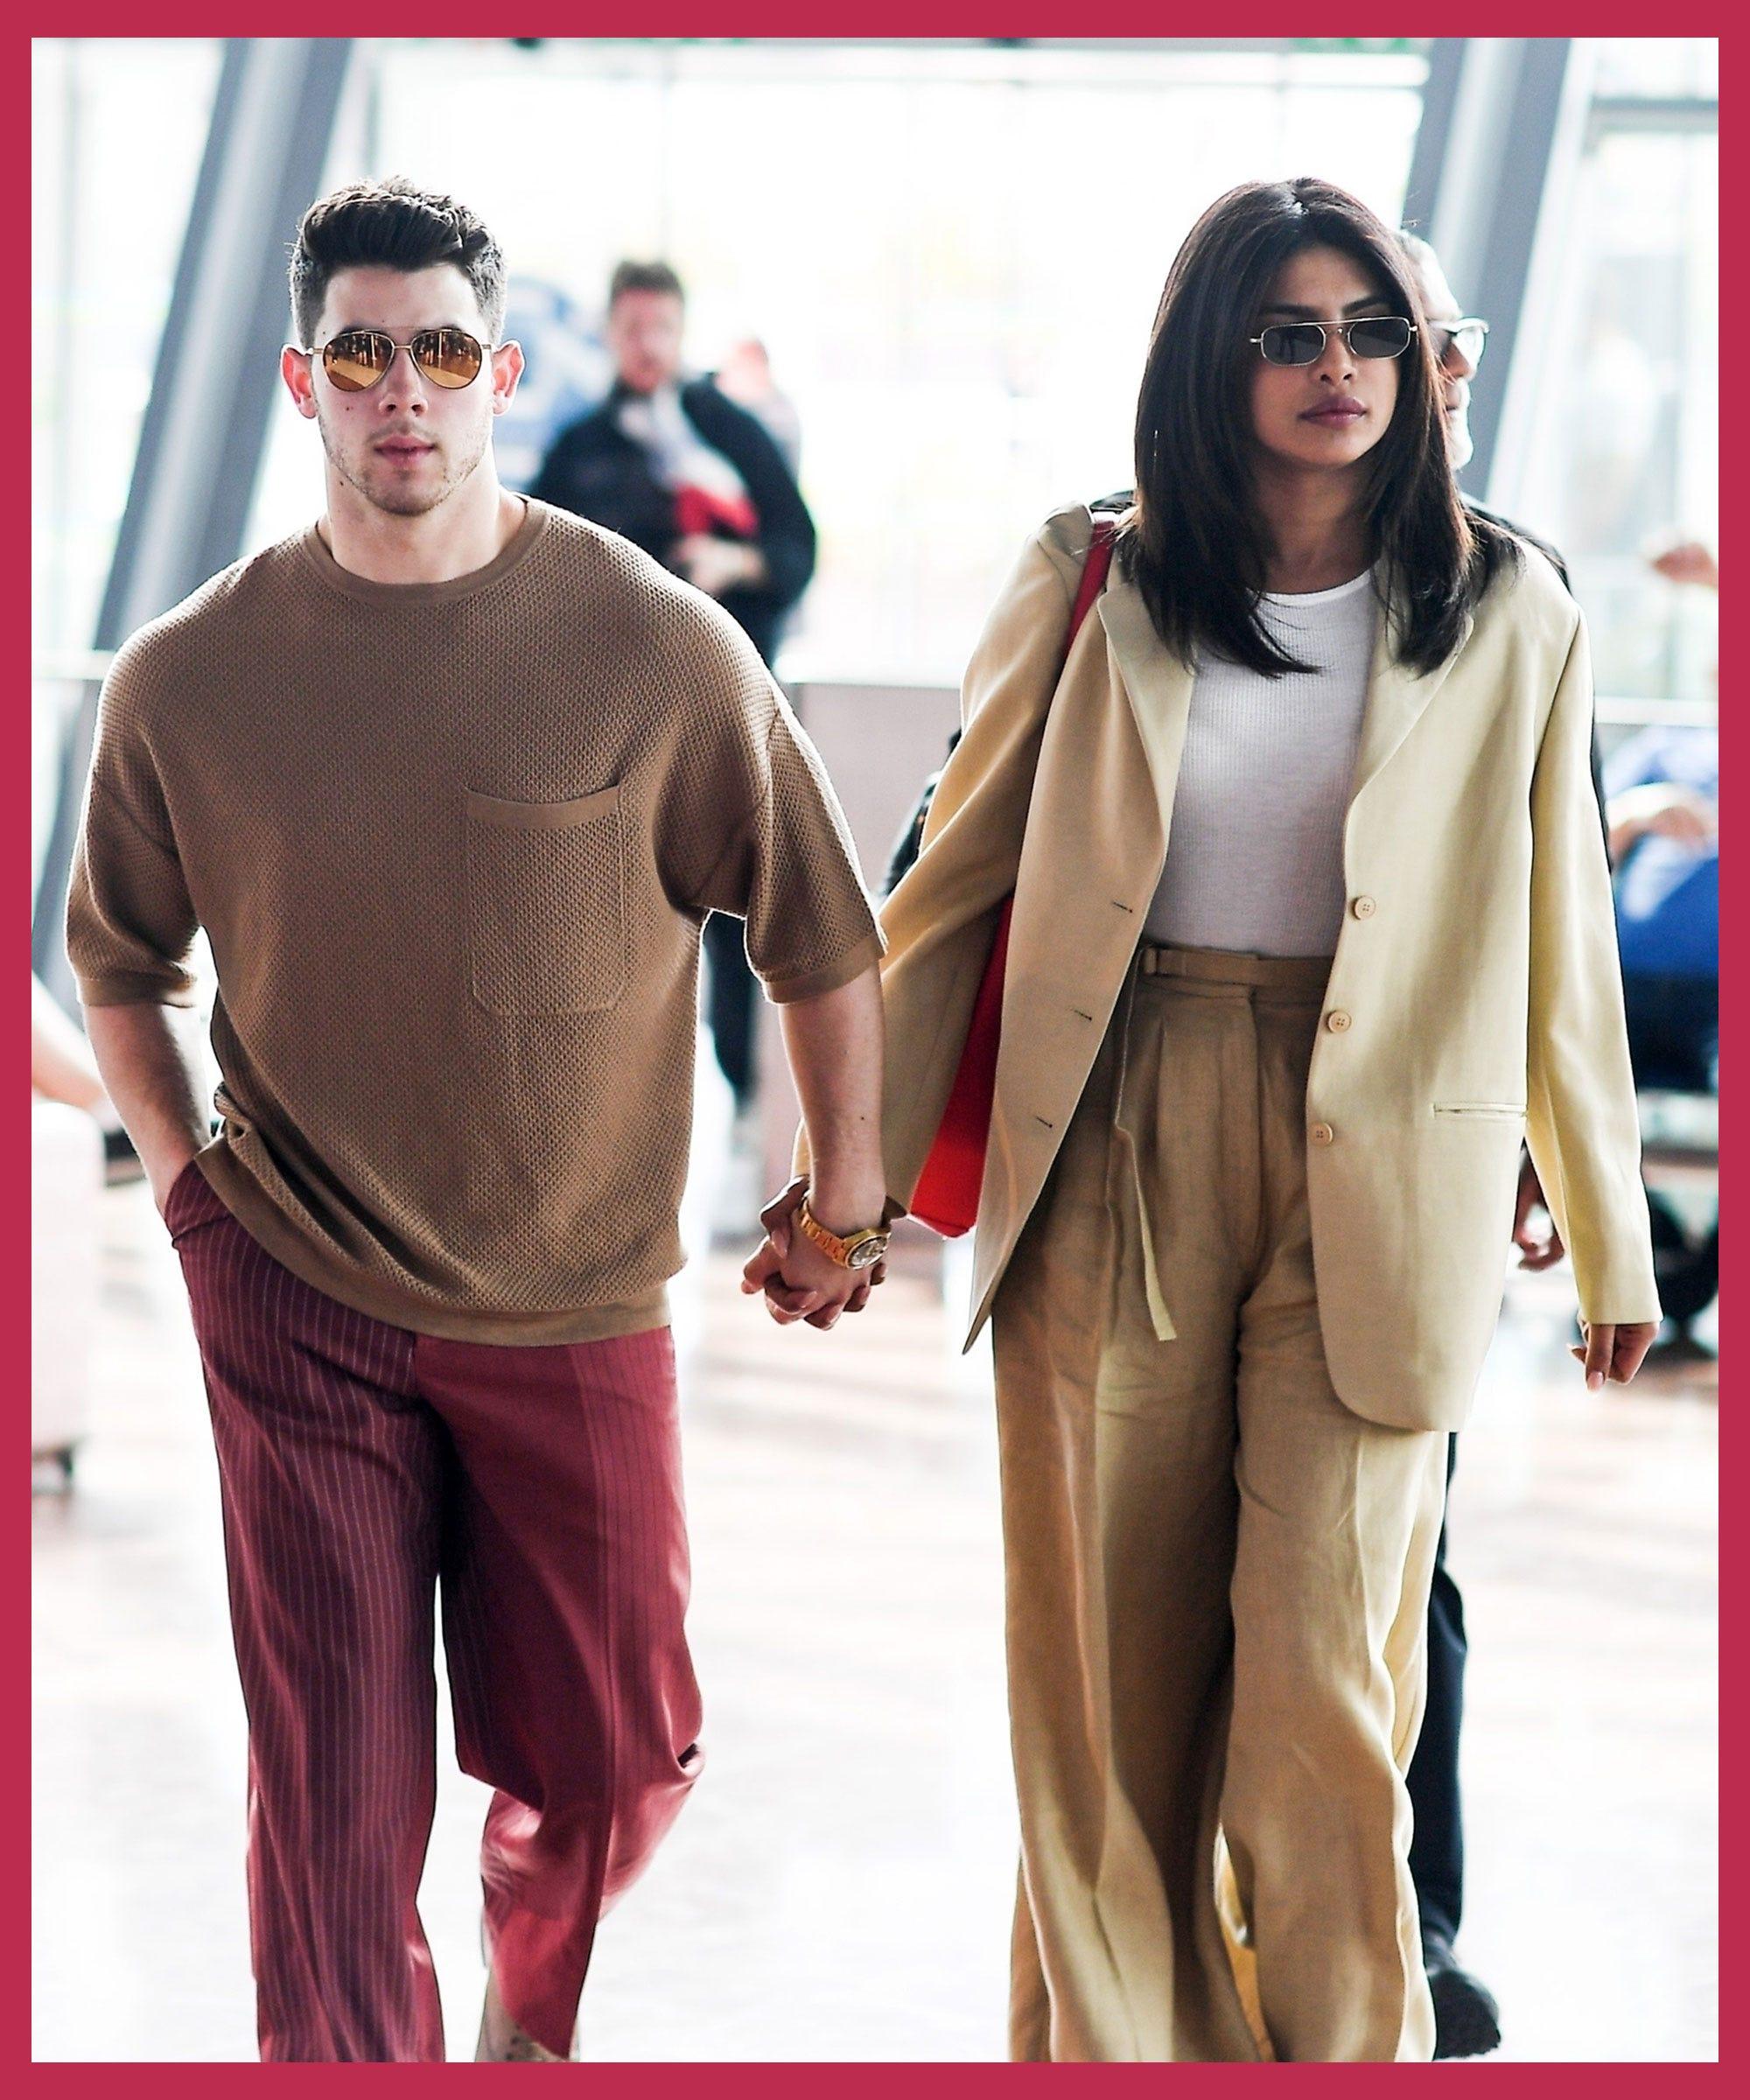 Priyanka Chopra And Nick Jonas Nailed Matching Couples Style At The Airport